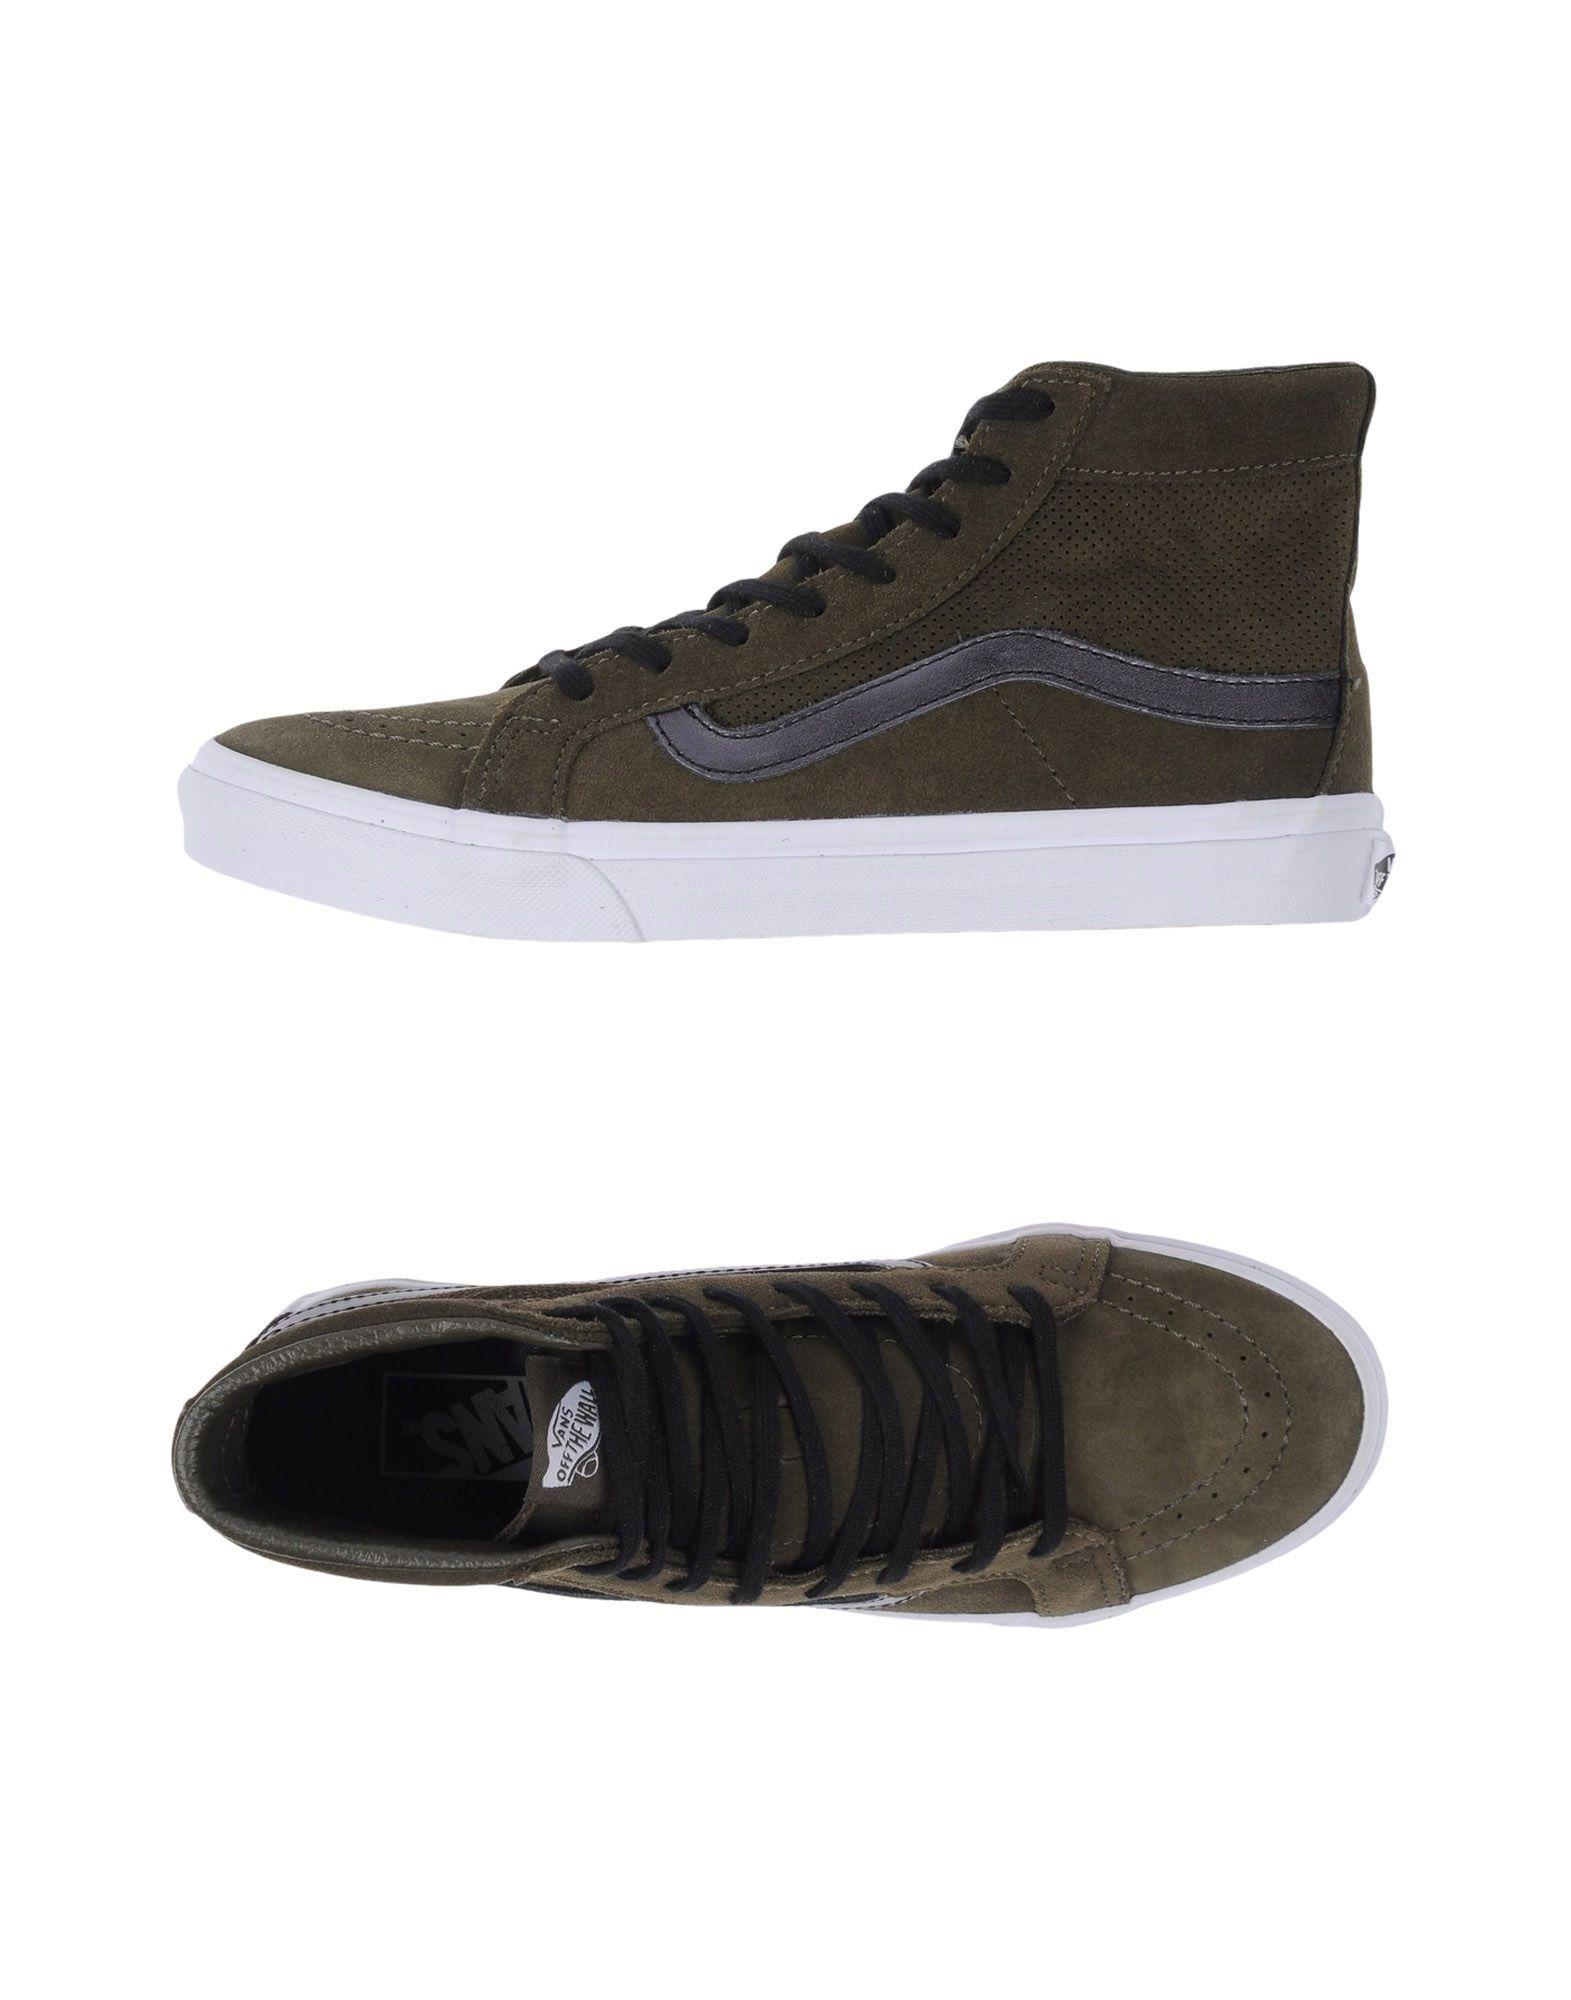 Nuevos zapatos para hombres y mujeres, descuento por tiempo tiempo tiempo limitado Zapatillas Vans U Sk8-Hi Slim Cutout Perf Suede Ta - Mujer - Zapatillas Vans  Verde militar 3a7563